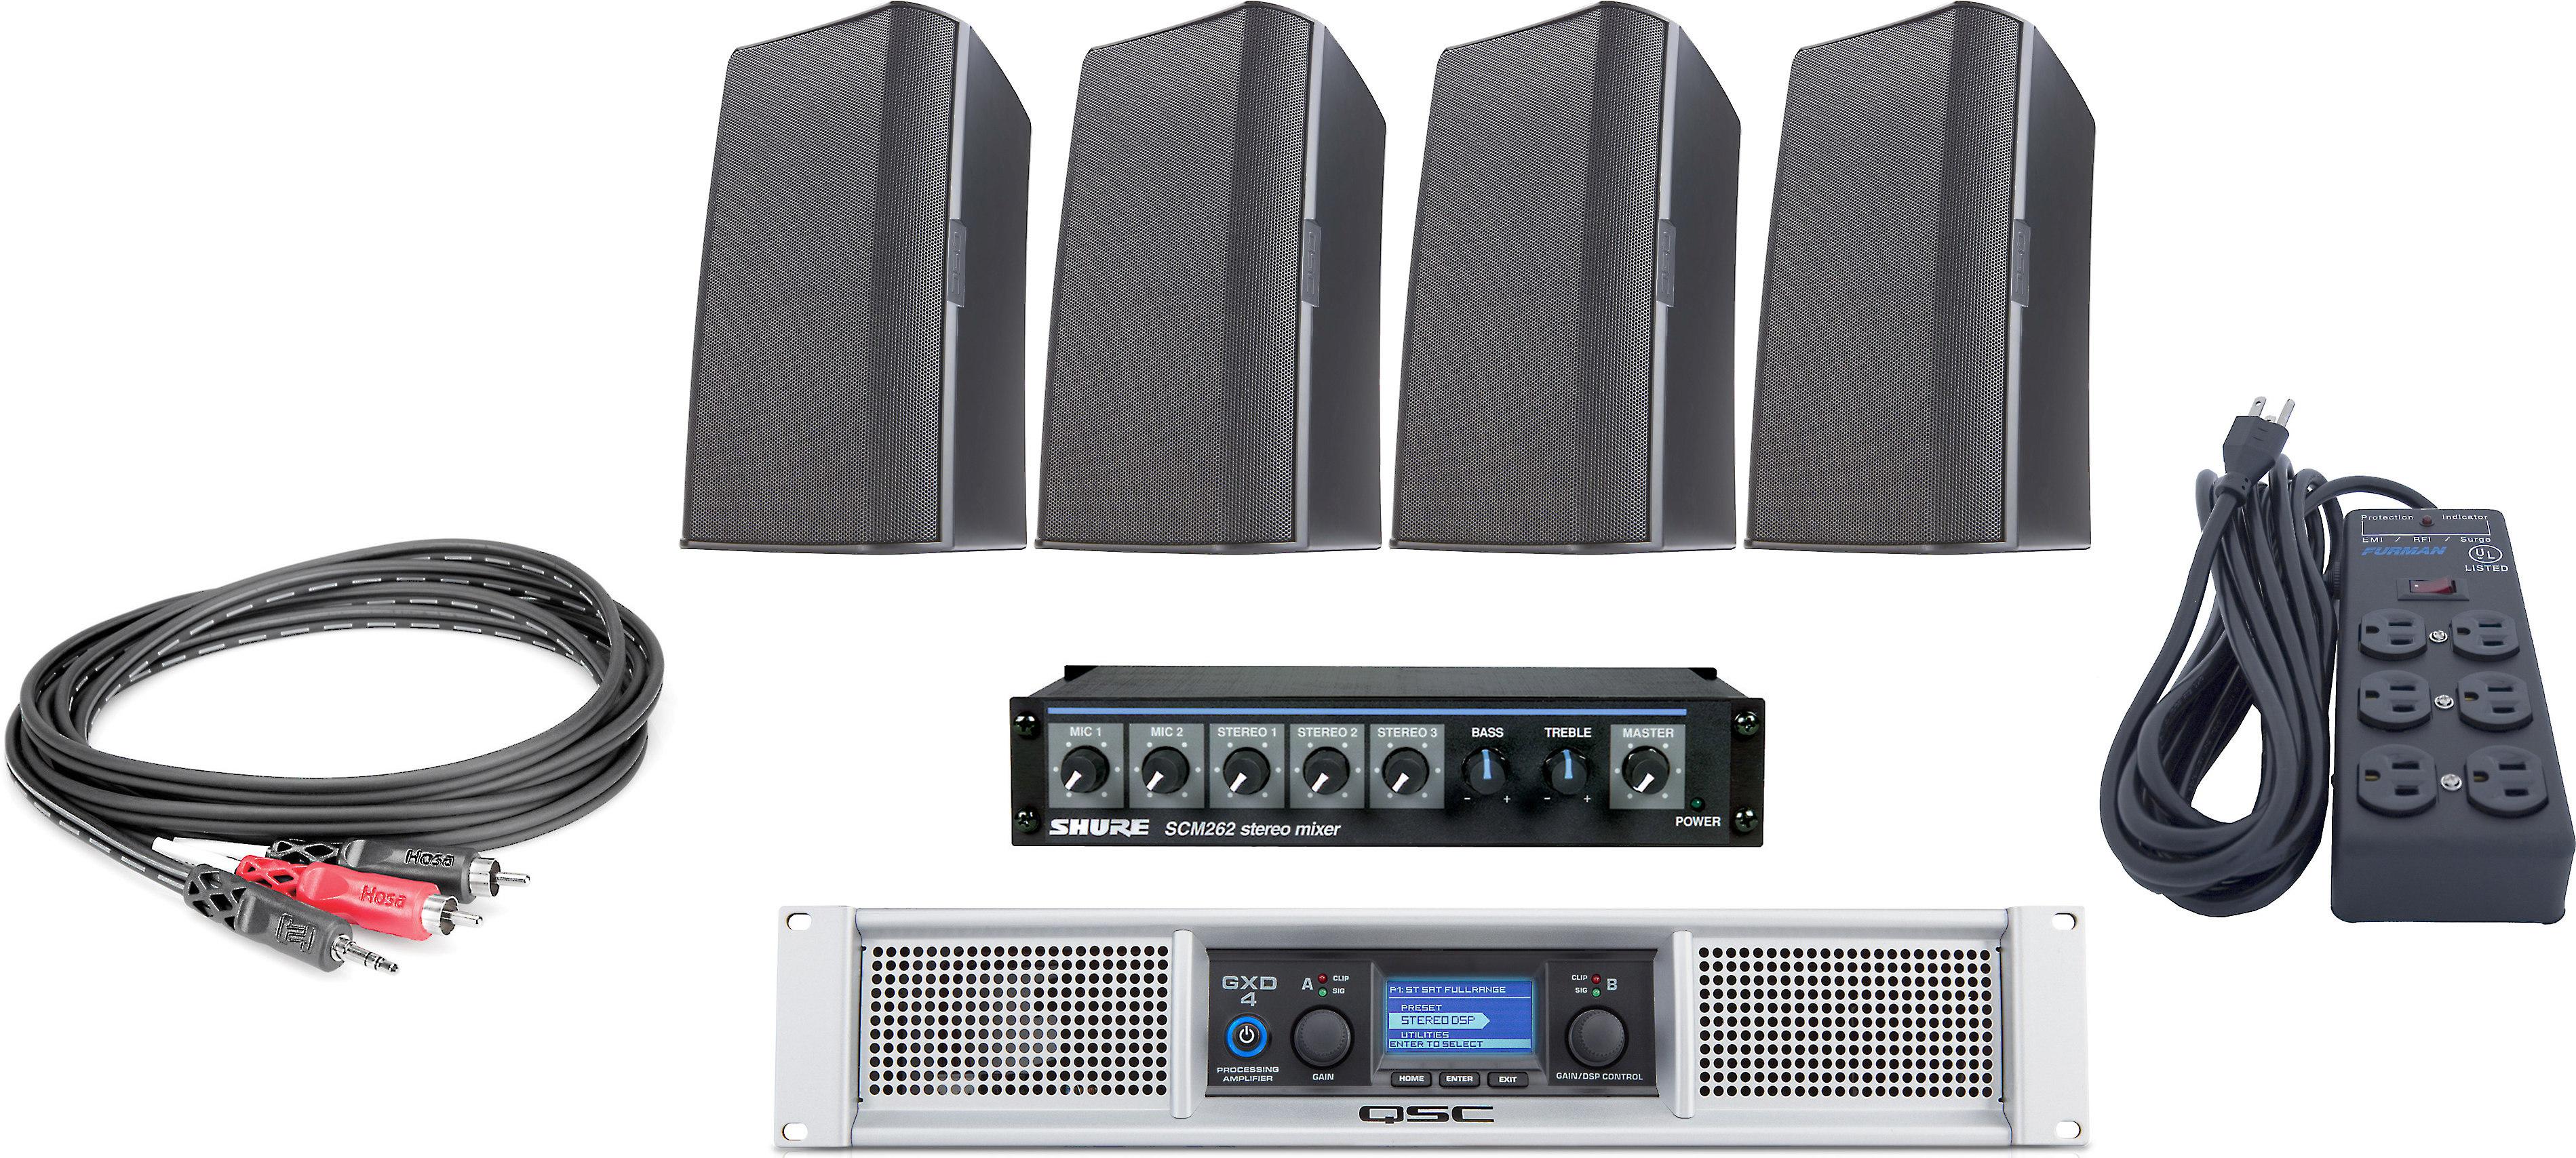 QSC Gym Sound System Bundle